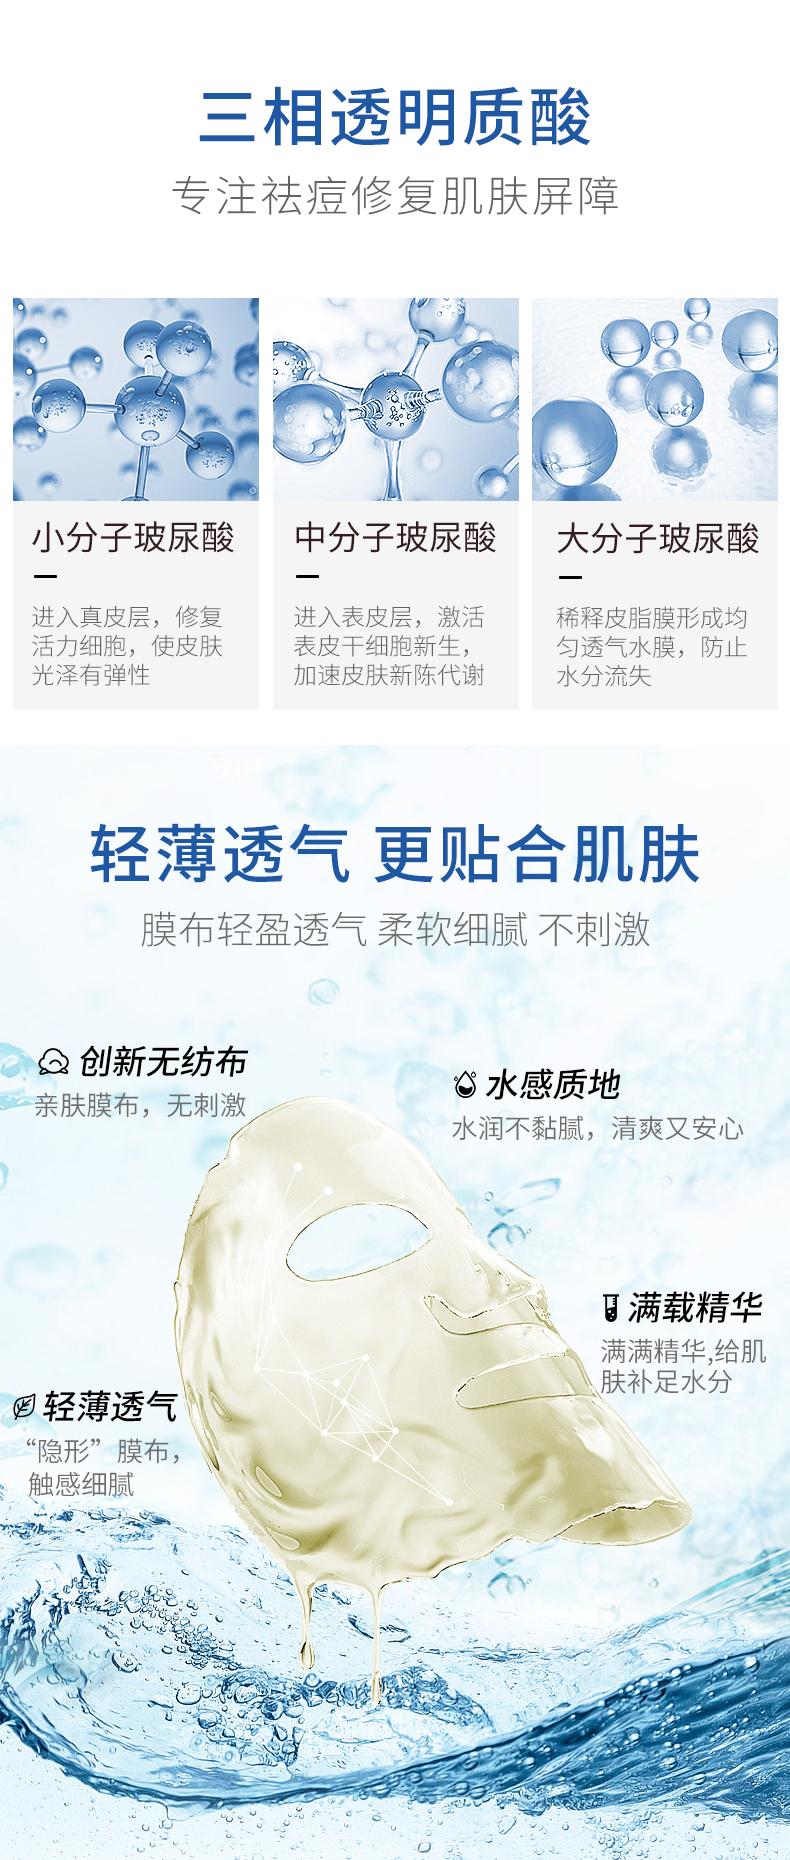 芙清医用敷料医美术后修復保湿淡化痘印敏感肌粉刺祛痘白非面膜详细照片